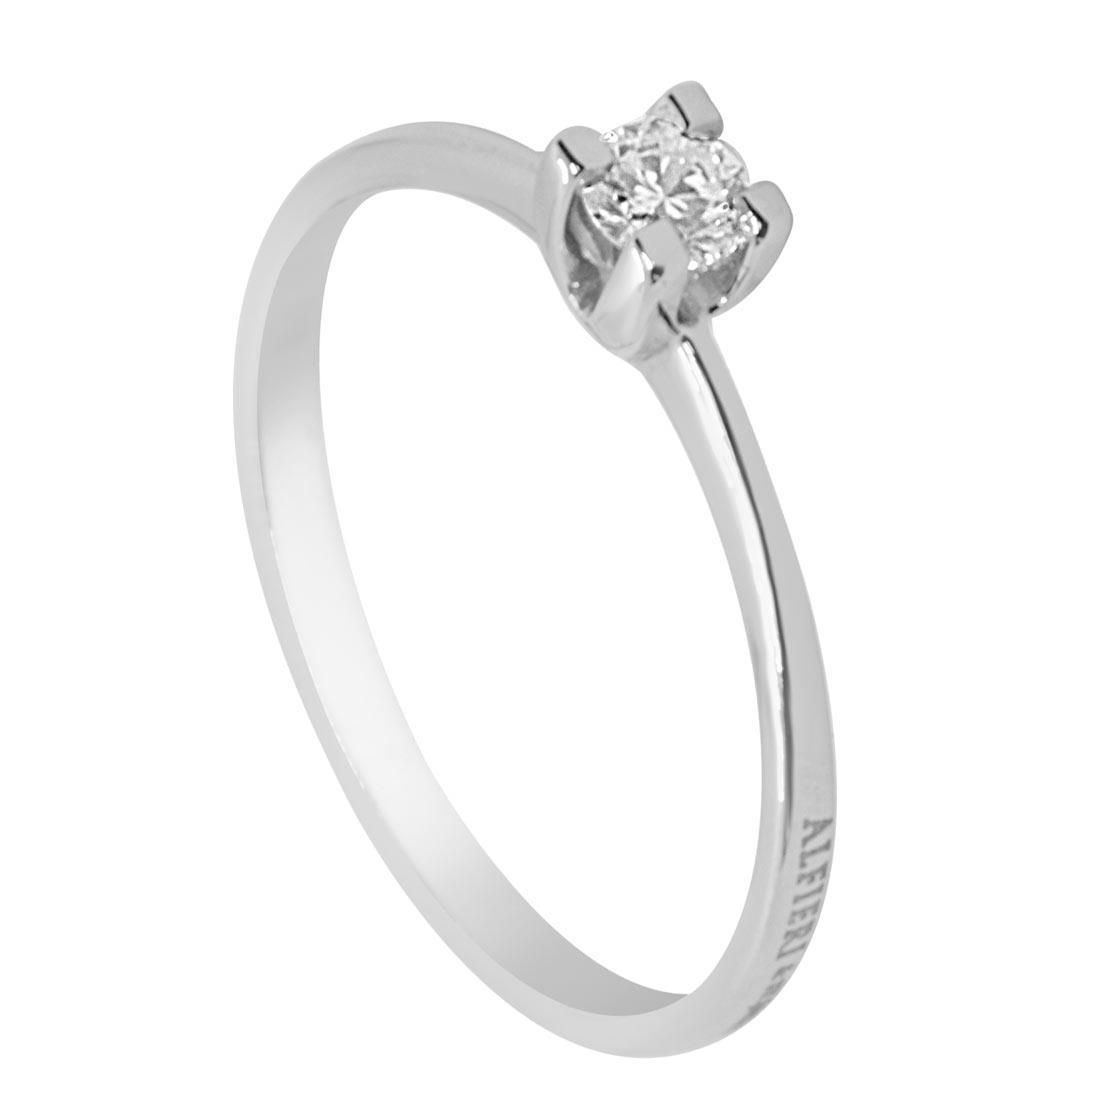 Anello solitario in oro bianco con diamante 0,16 ct mis 13 - ALFIERI & ST. JOHN